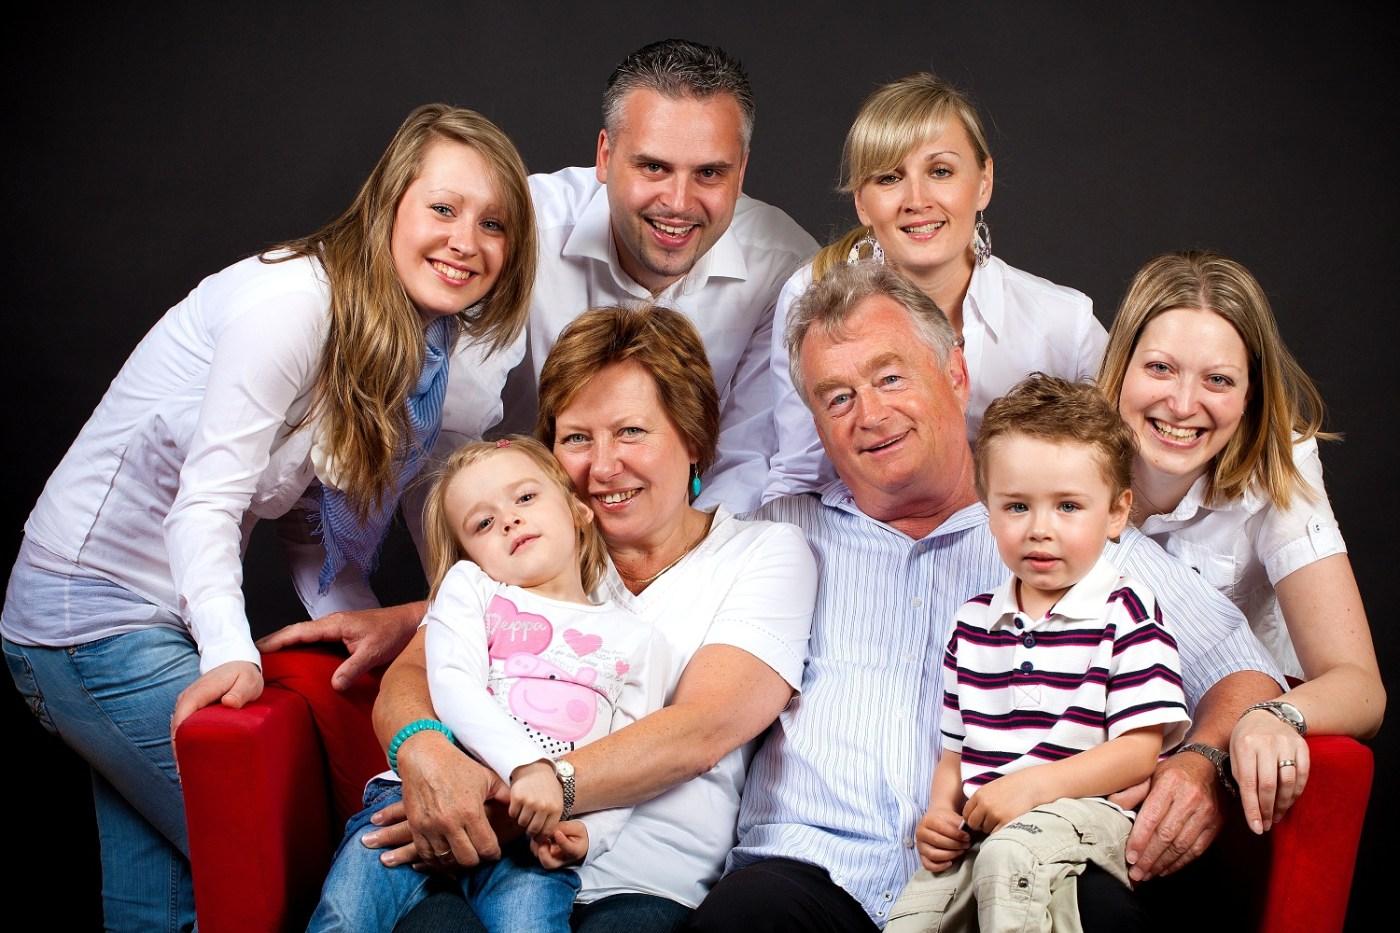 Rodinná fotografie | Profesionální fotograf Martin Král